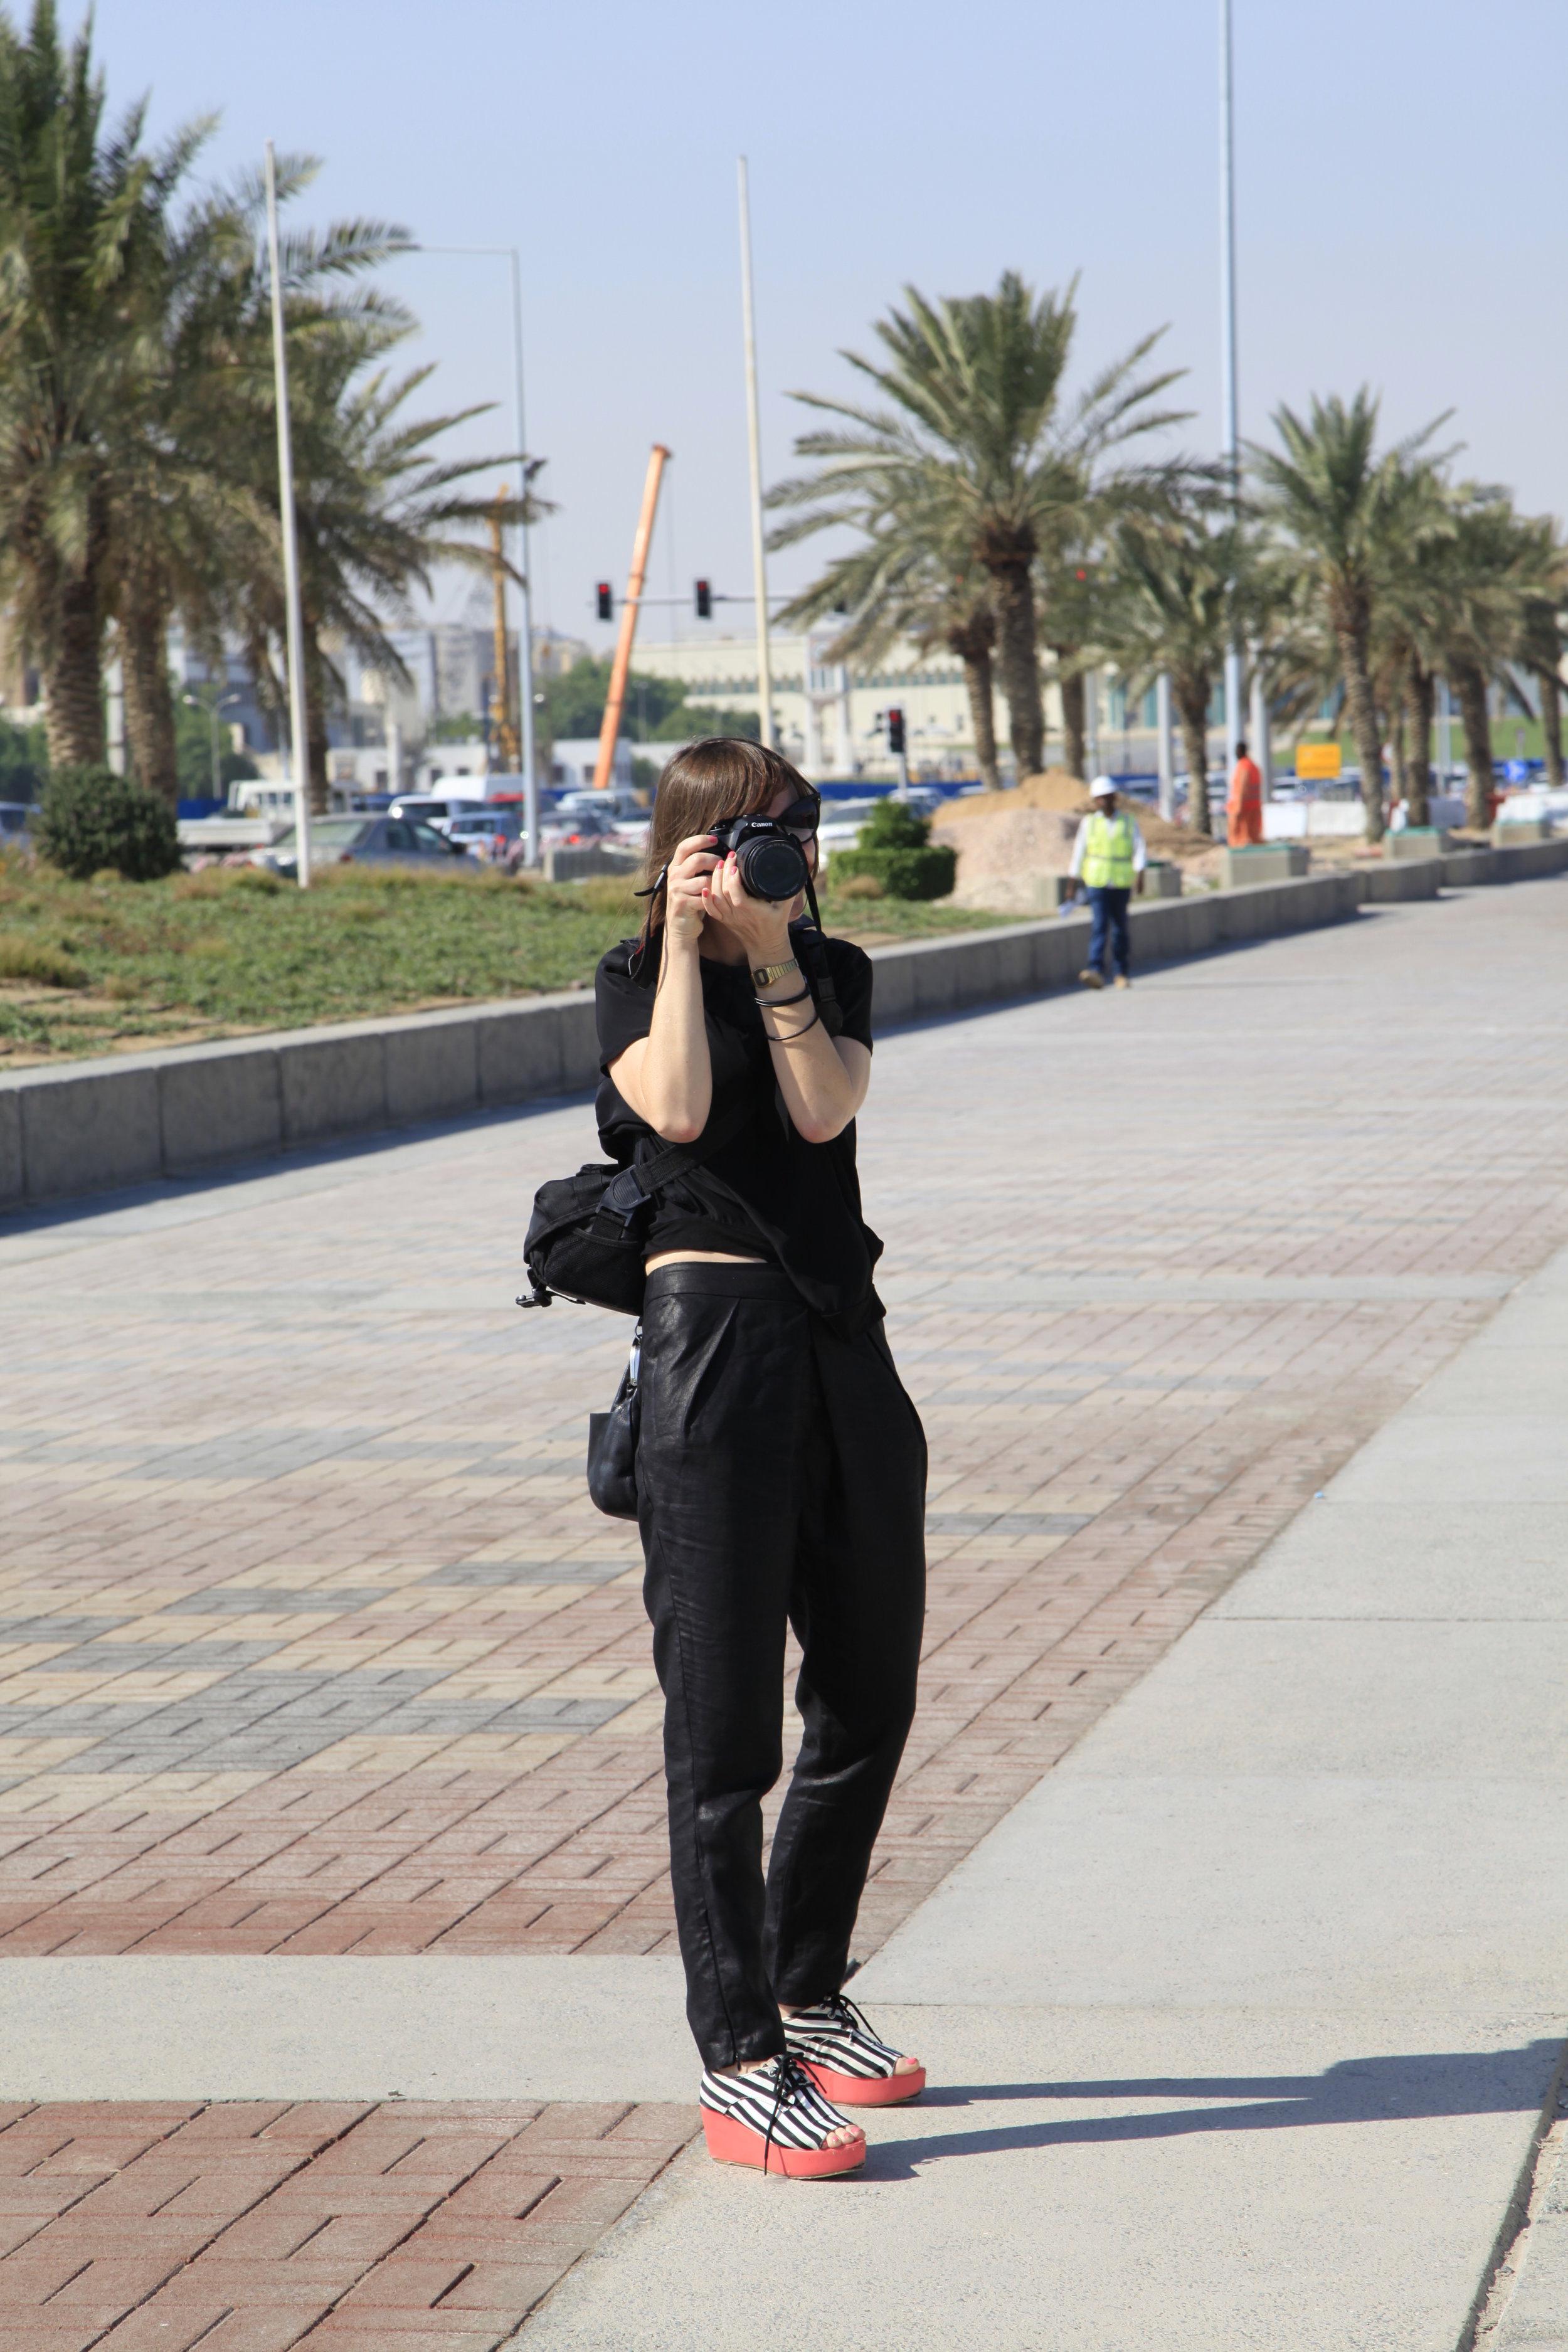 Corniche walk